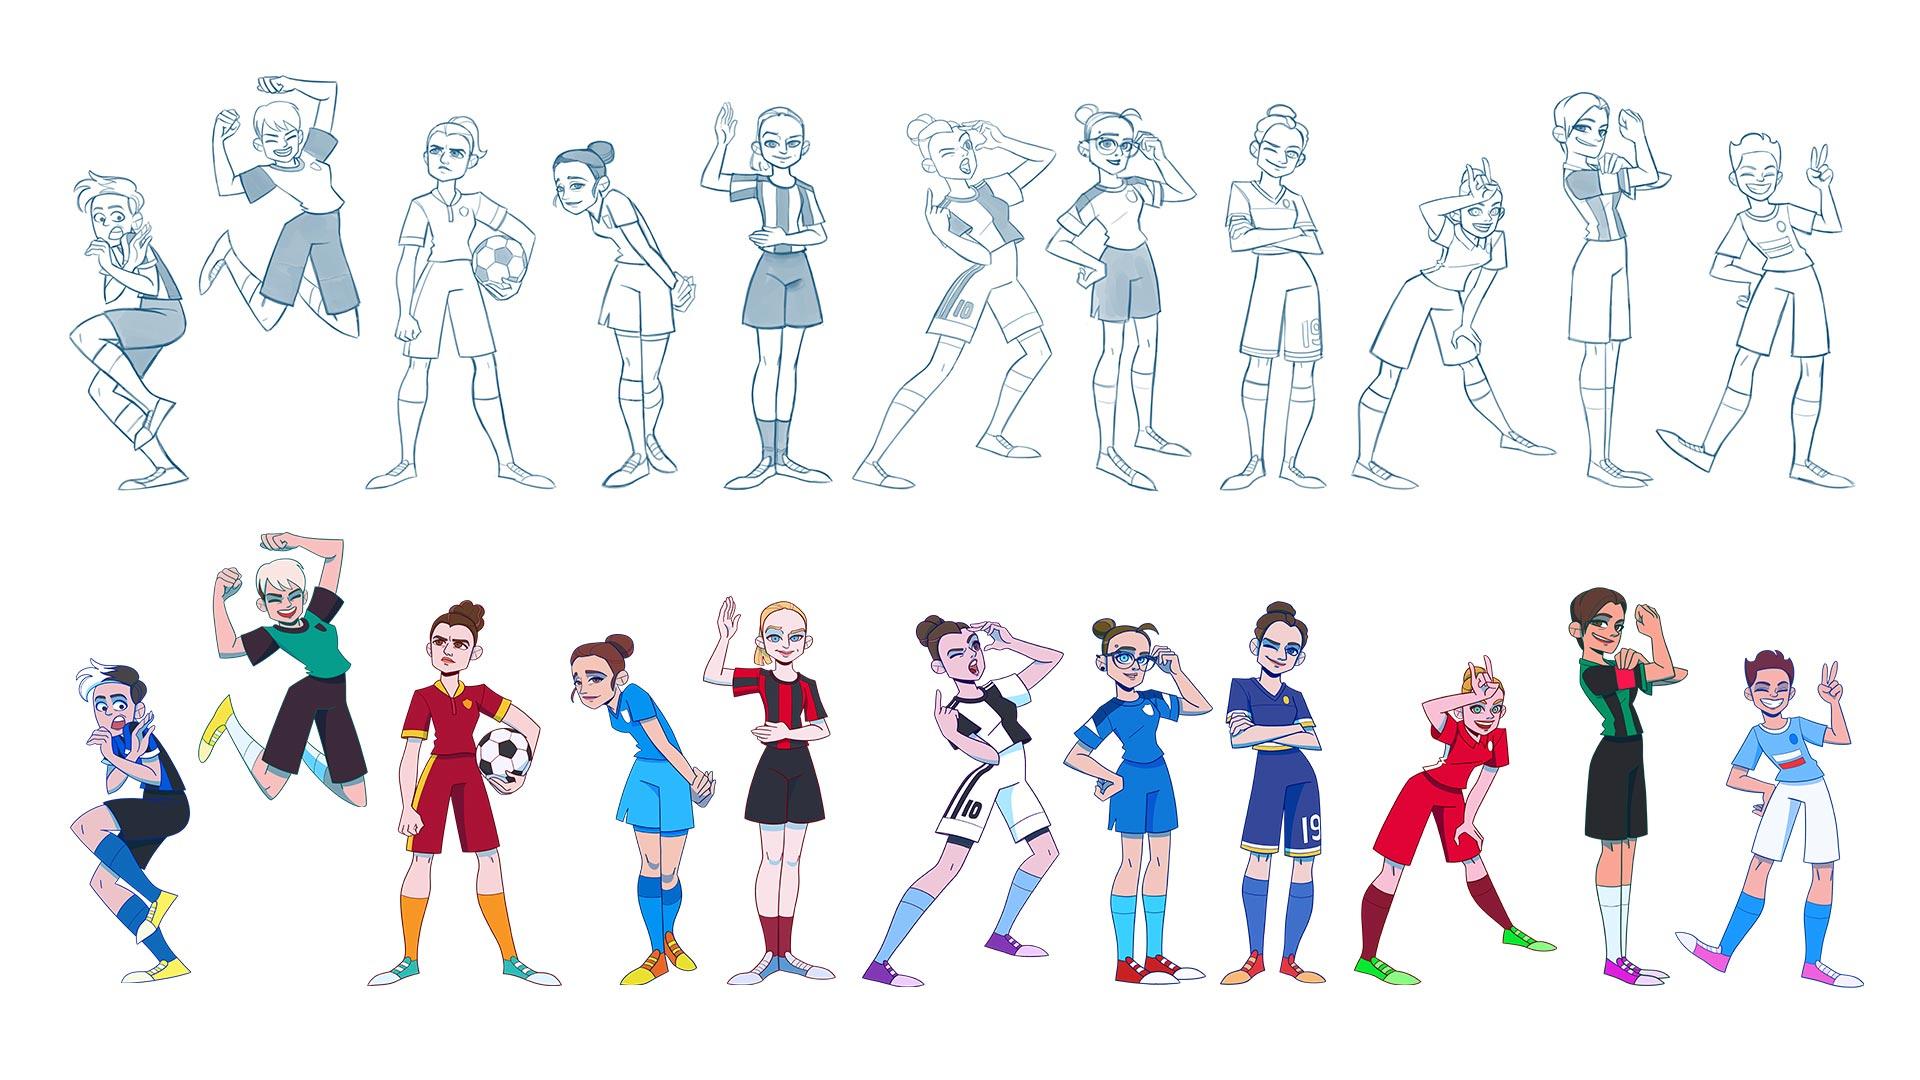 Uniche_animation_character_racoonstudio_motion_freeda_1